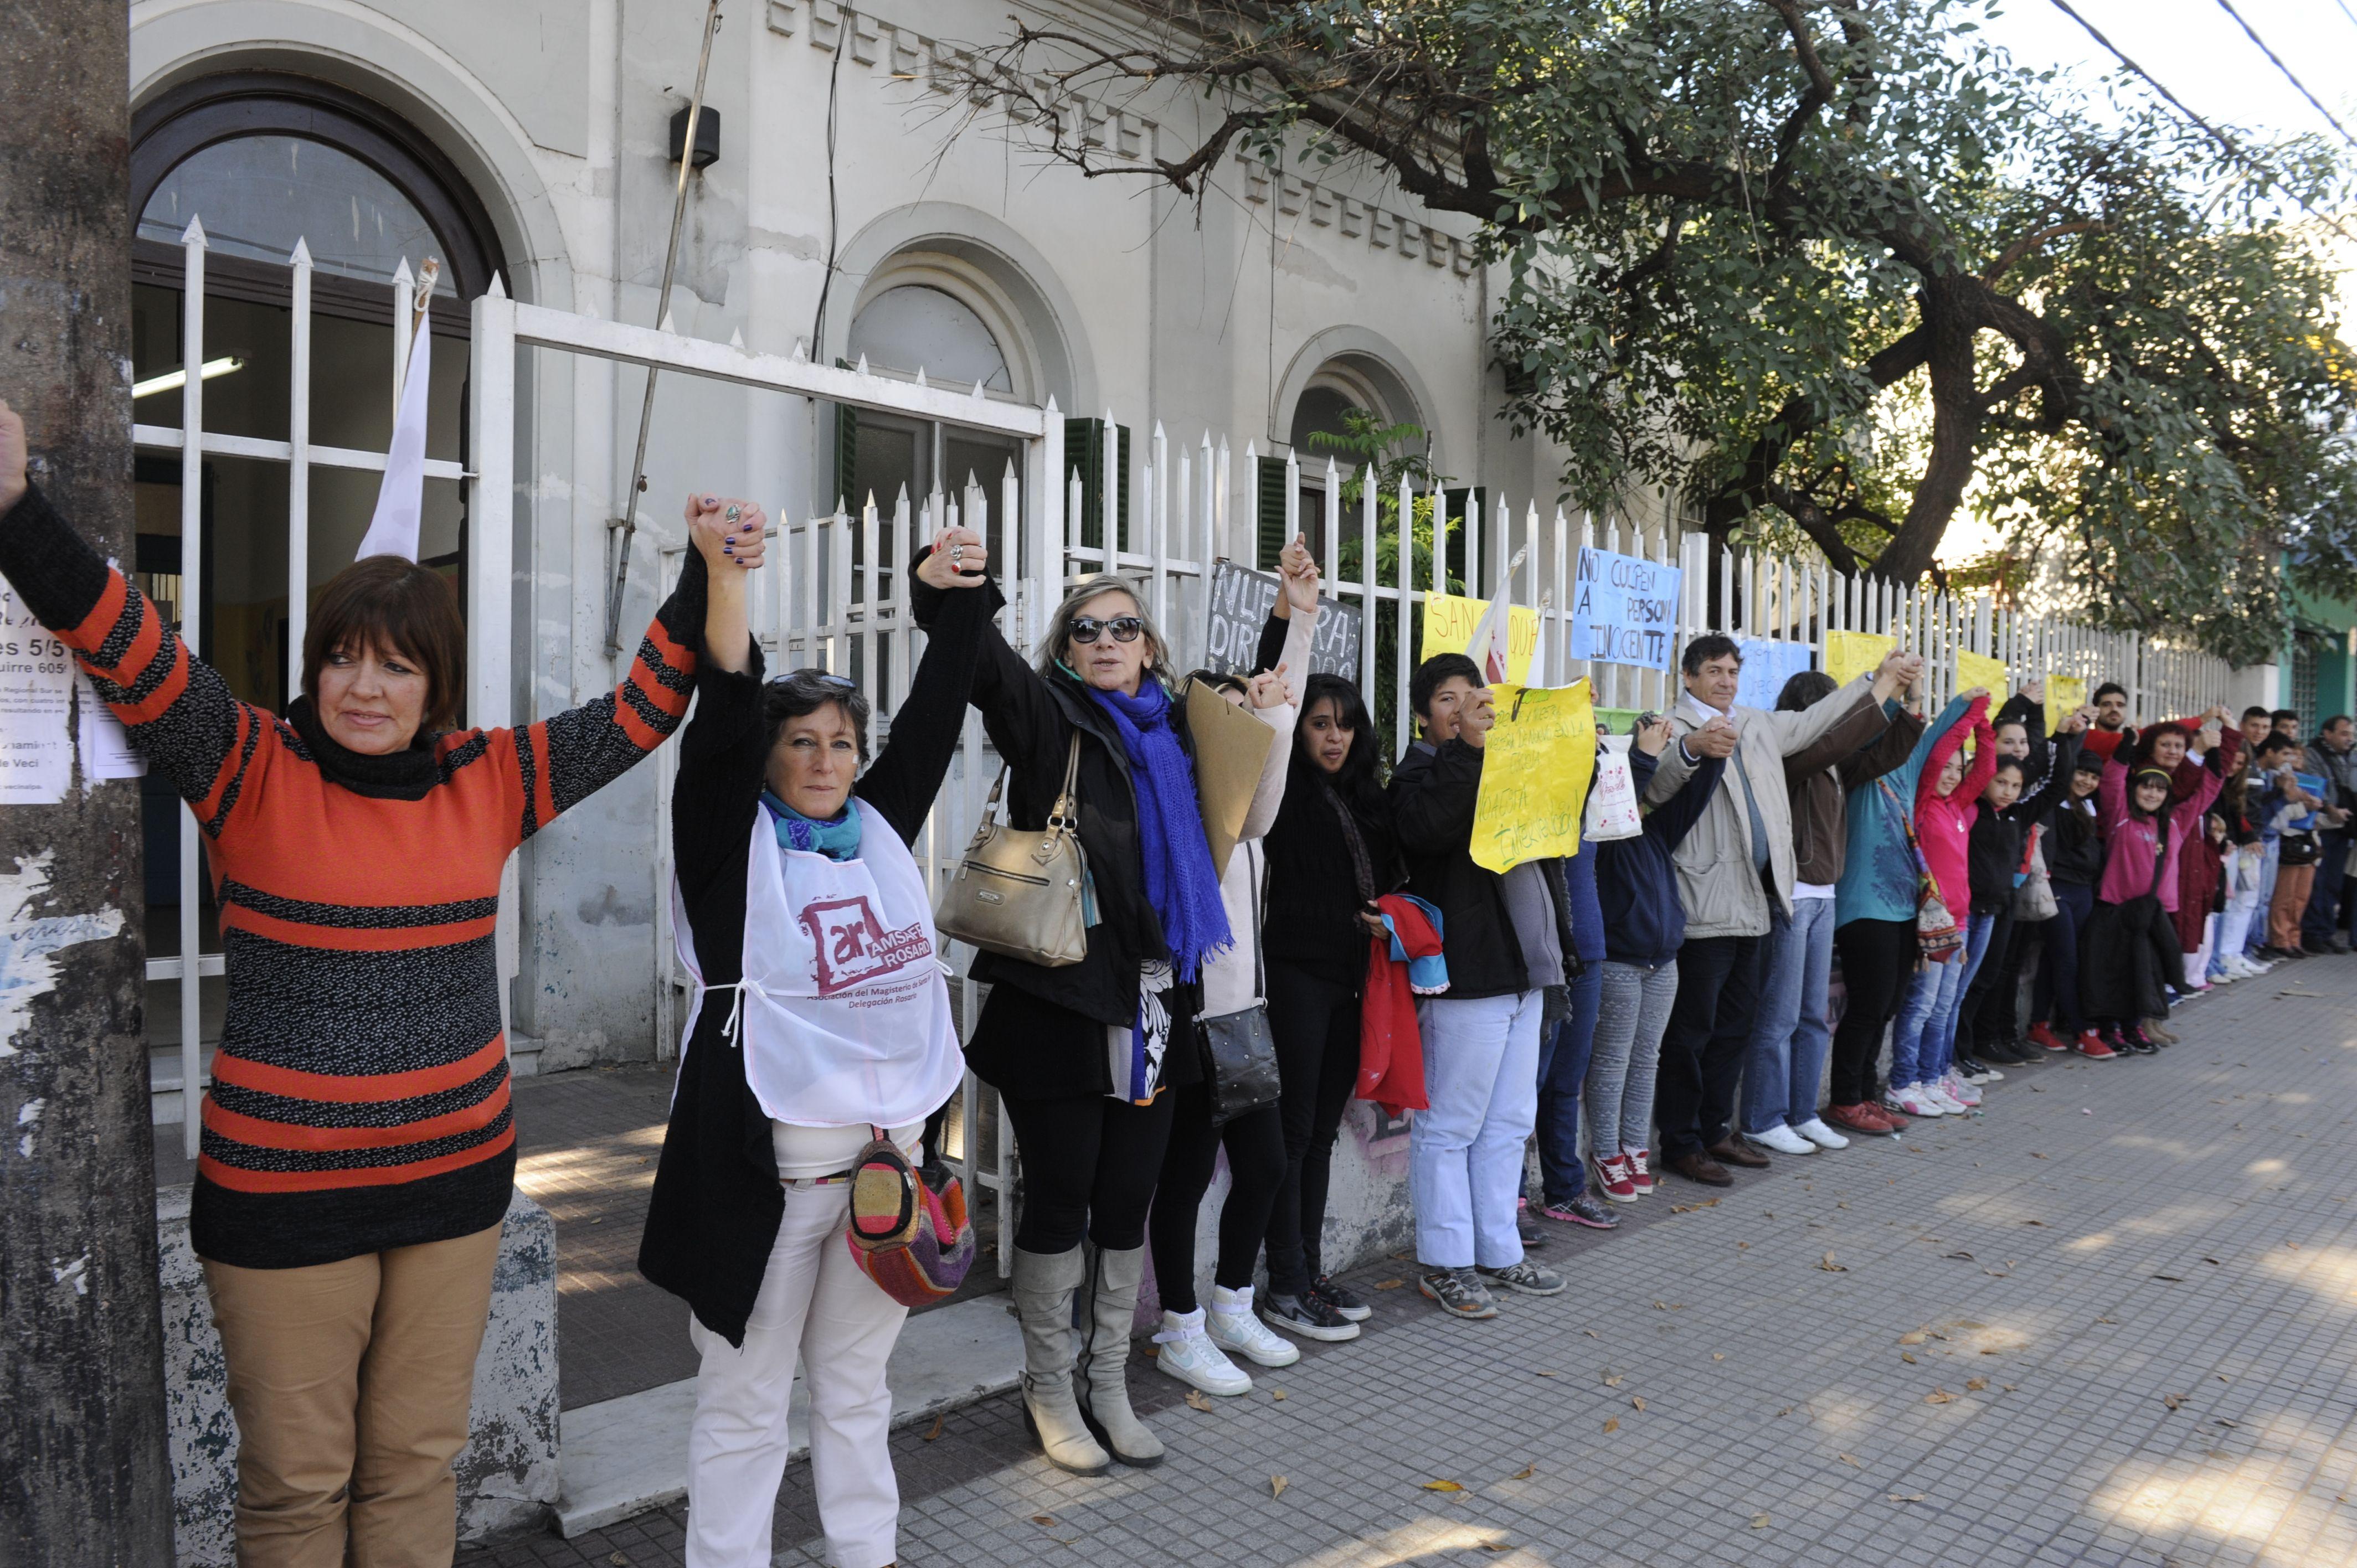 El abrazo solidario de la comunidad escolar será en apoyo a la directora desplazada de la secundaria de Ayacucho al 5500.